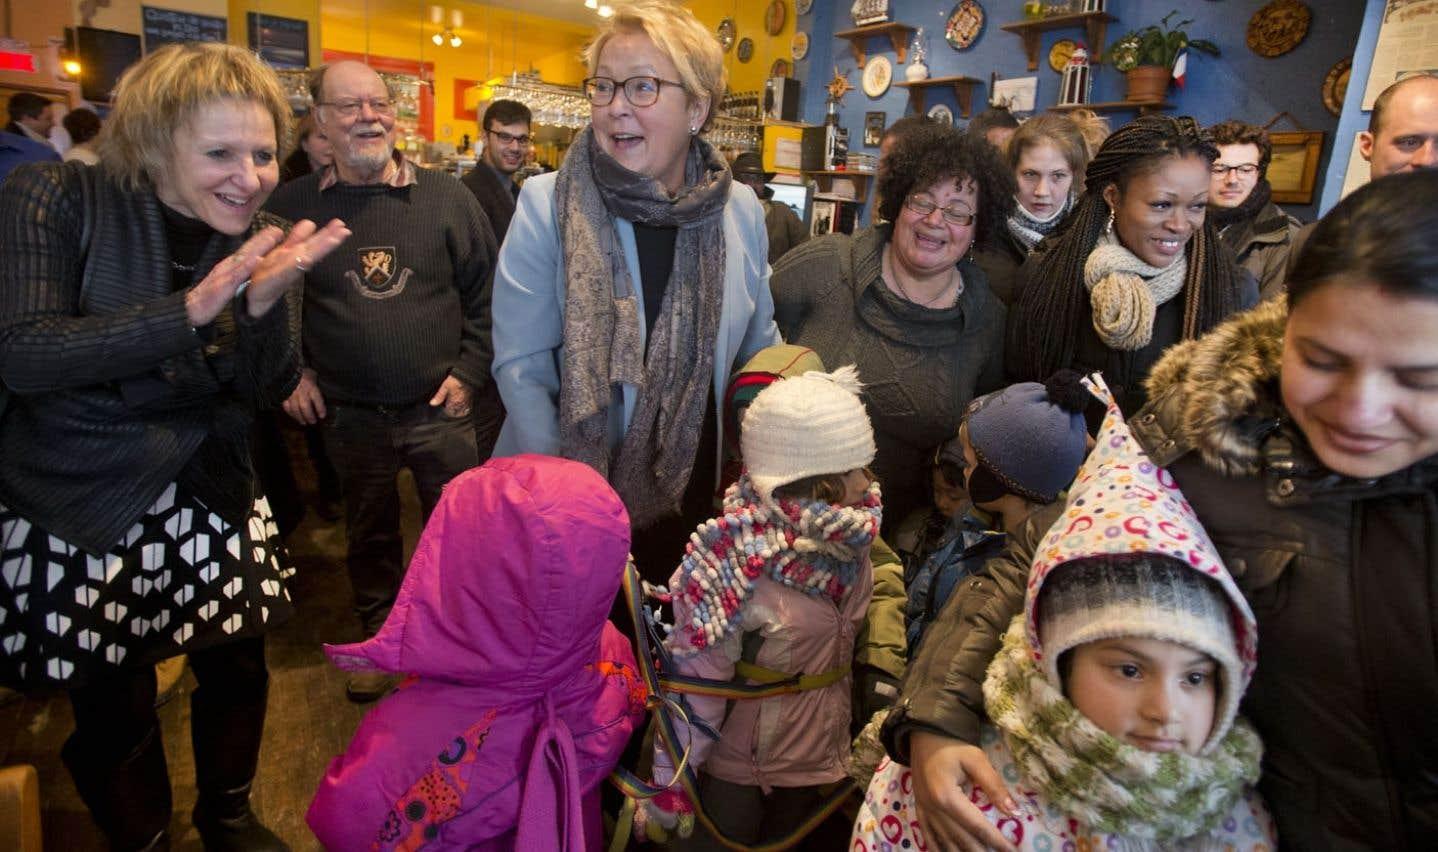 Pauline Marois a visité la circonscription de Verdun, à Montréal, où se présente sa candidate Lorraine Pintal (à gauche).